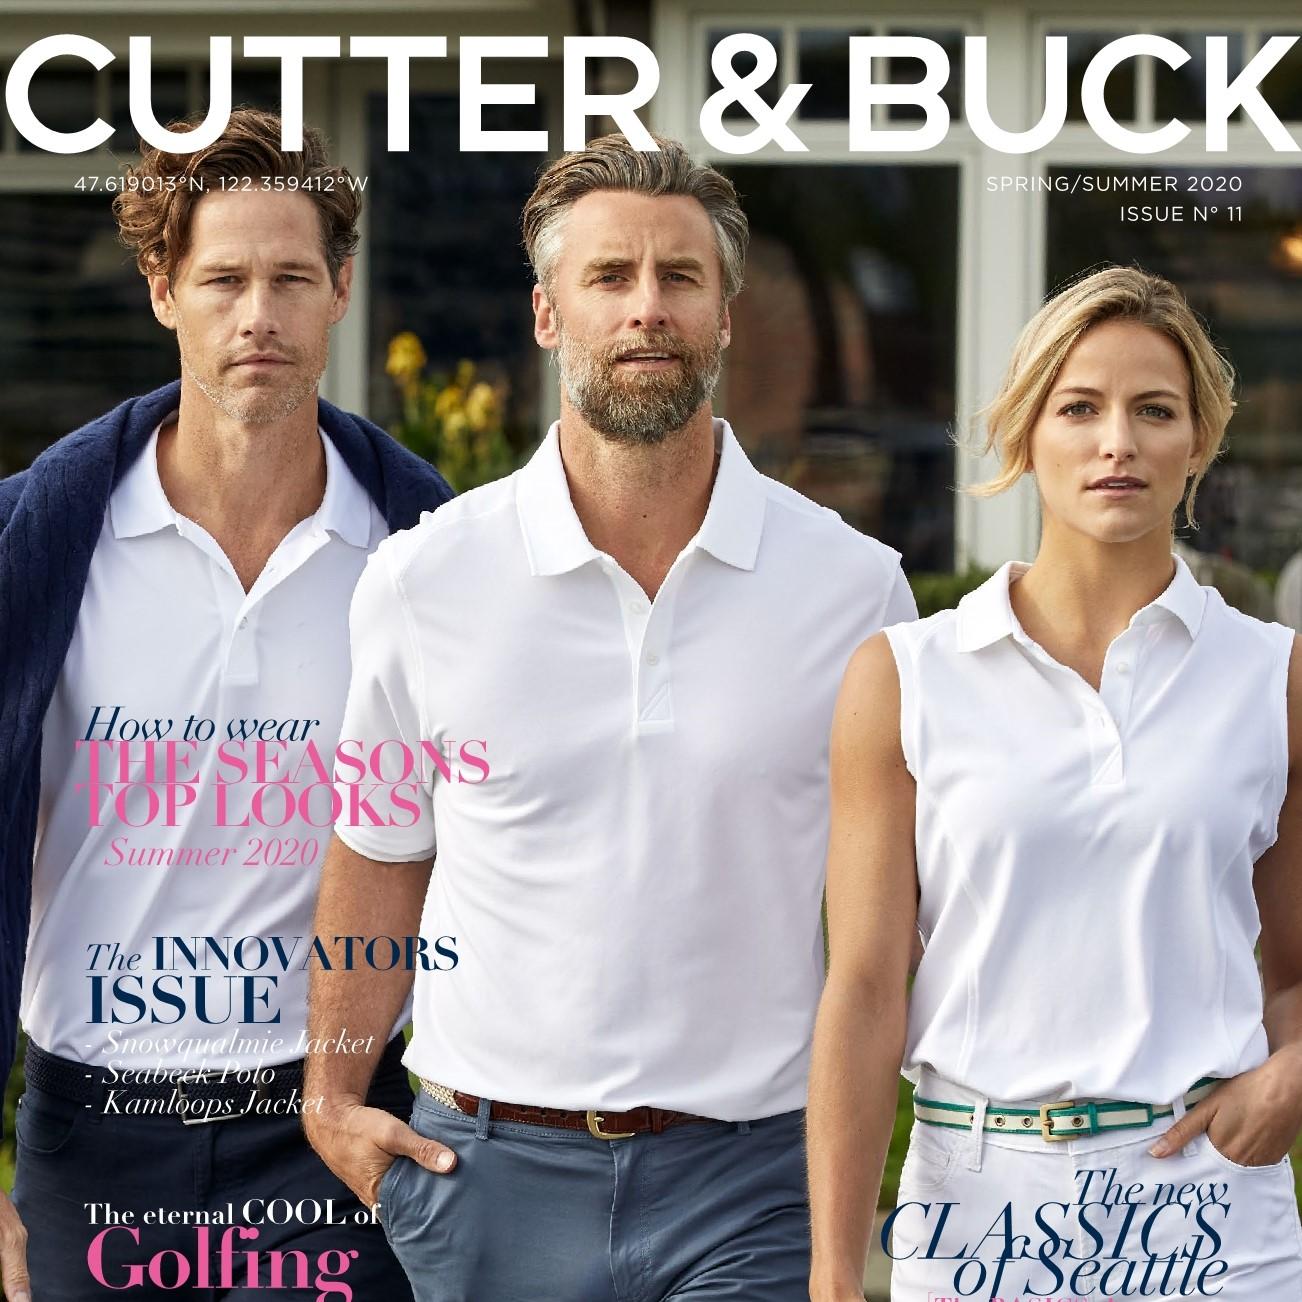 cutter_og_buck_toej_katalog.jpg